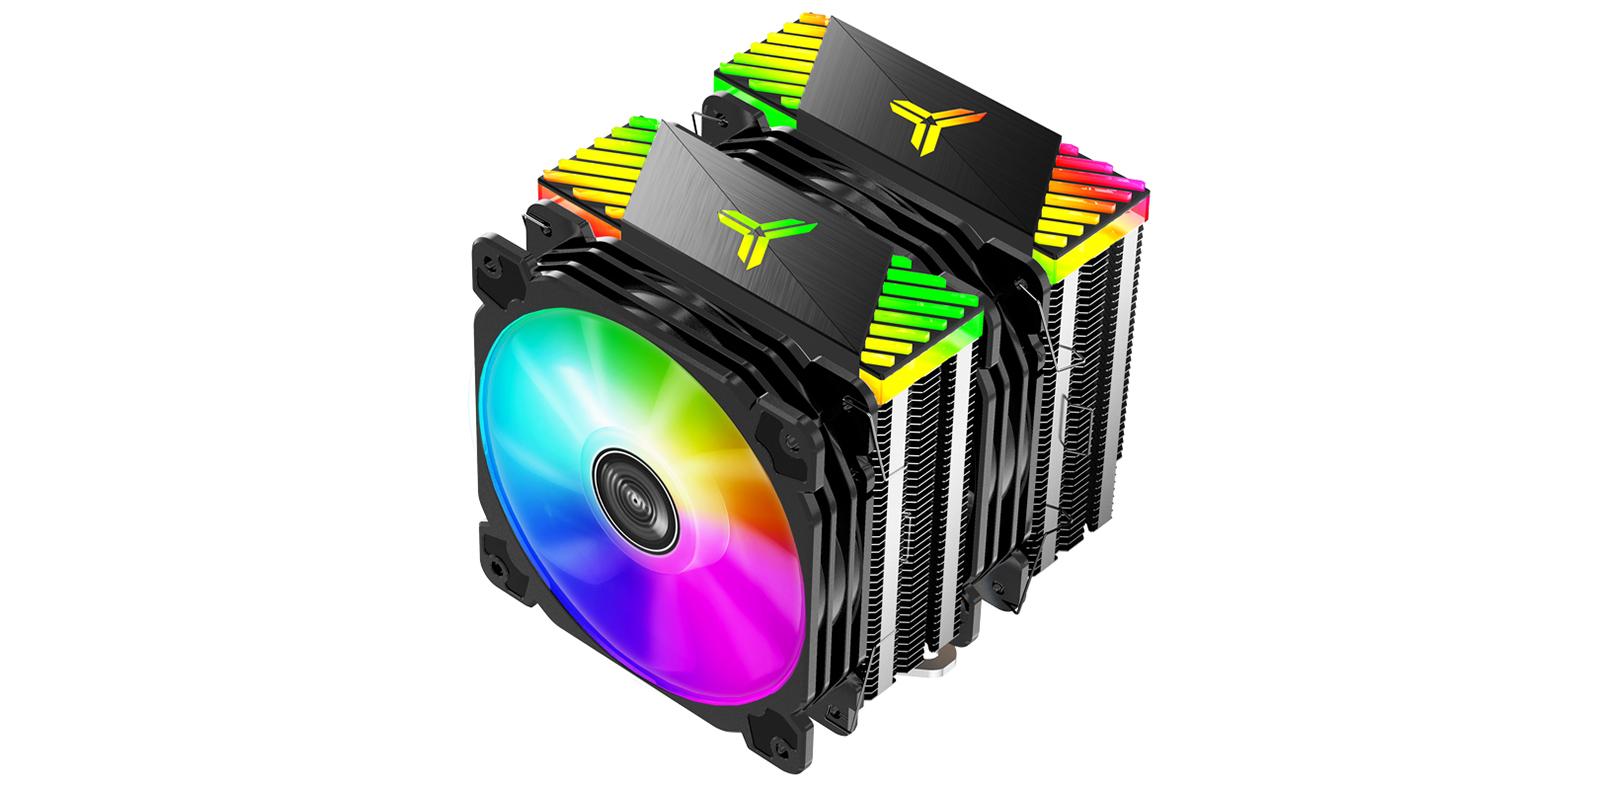 Tản nhiệt khí Jonsbo CR-2000 GT - Mẫu sản phẩm tản nhiệt với thiết kế độc đáo gồm đèn RGB ở quạt và logo RGB phát sáng trên nóc.